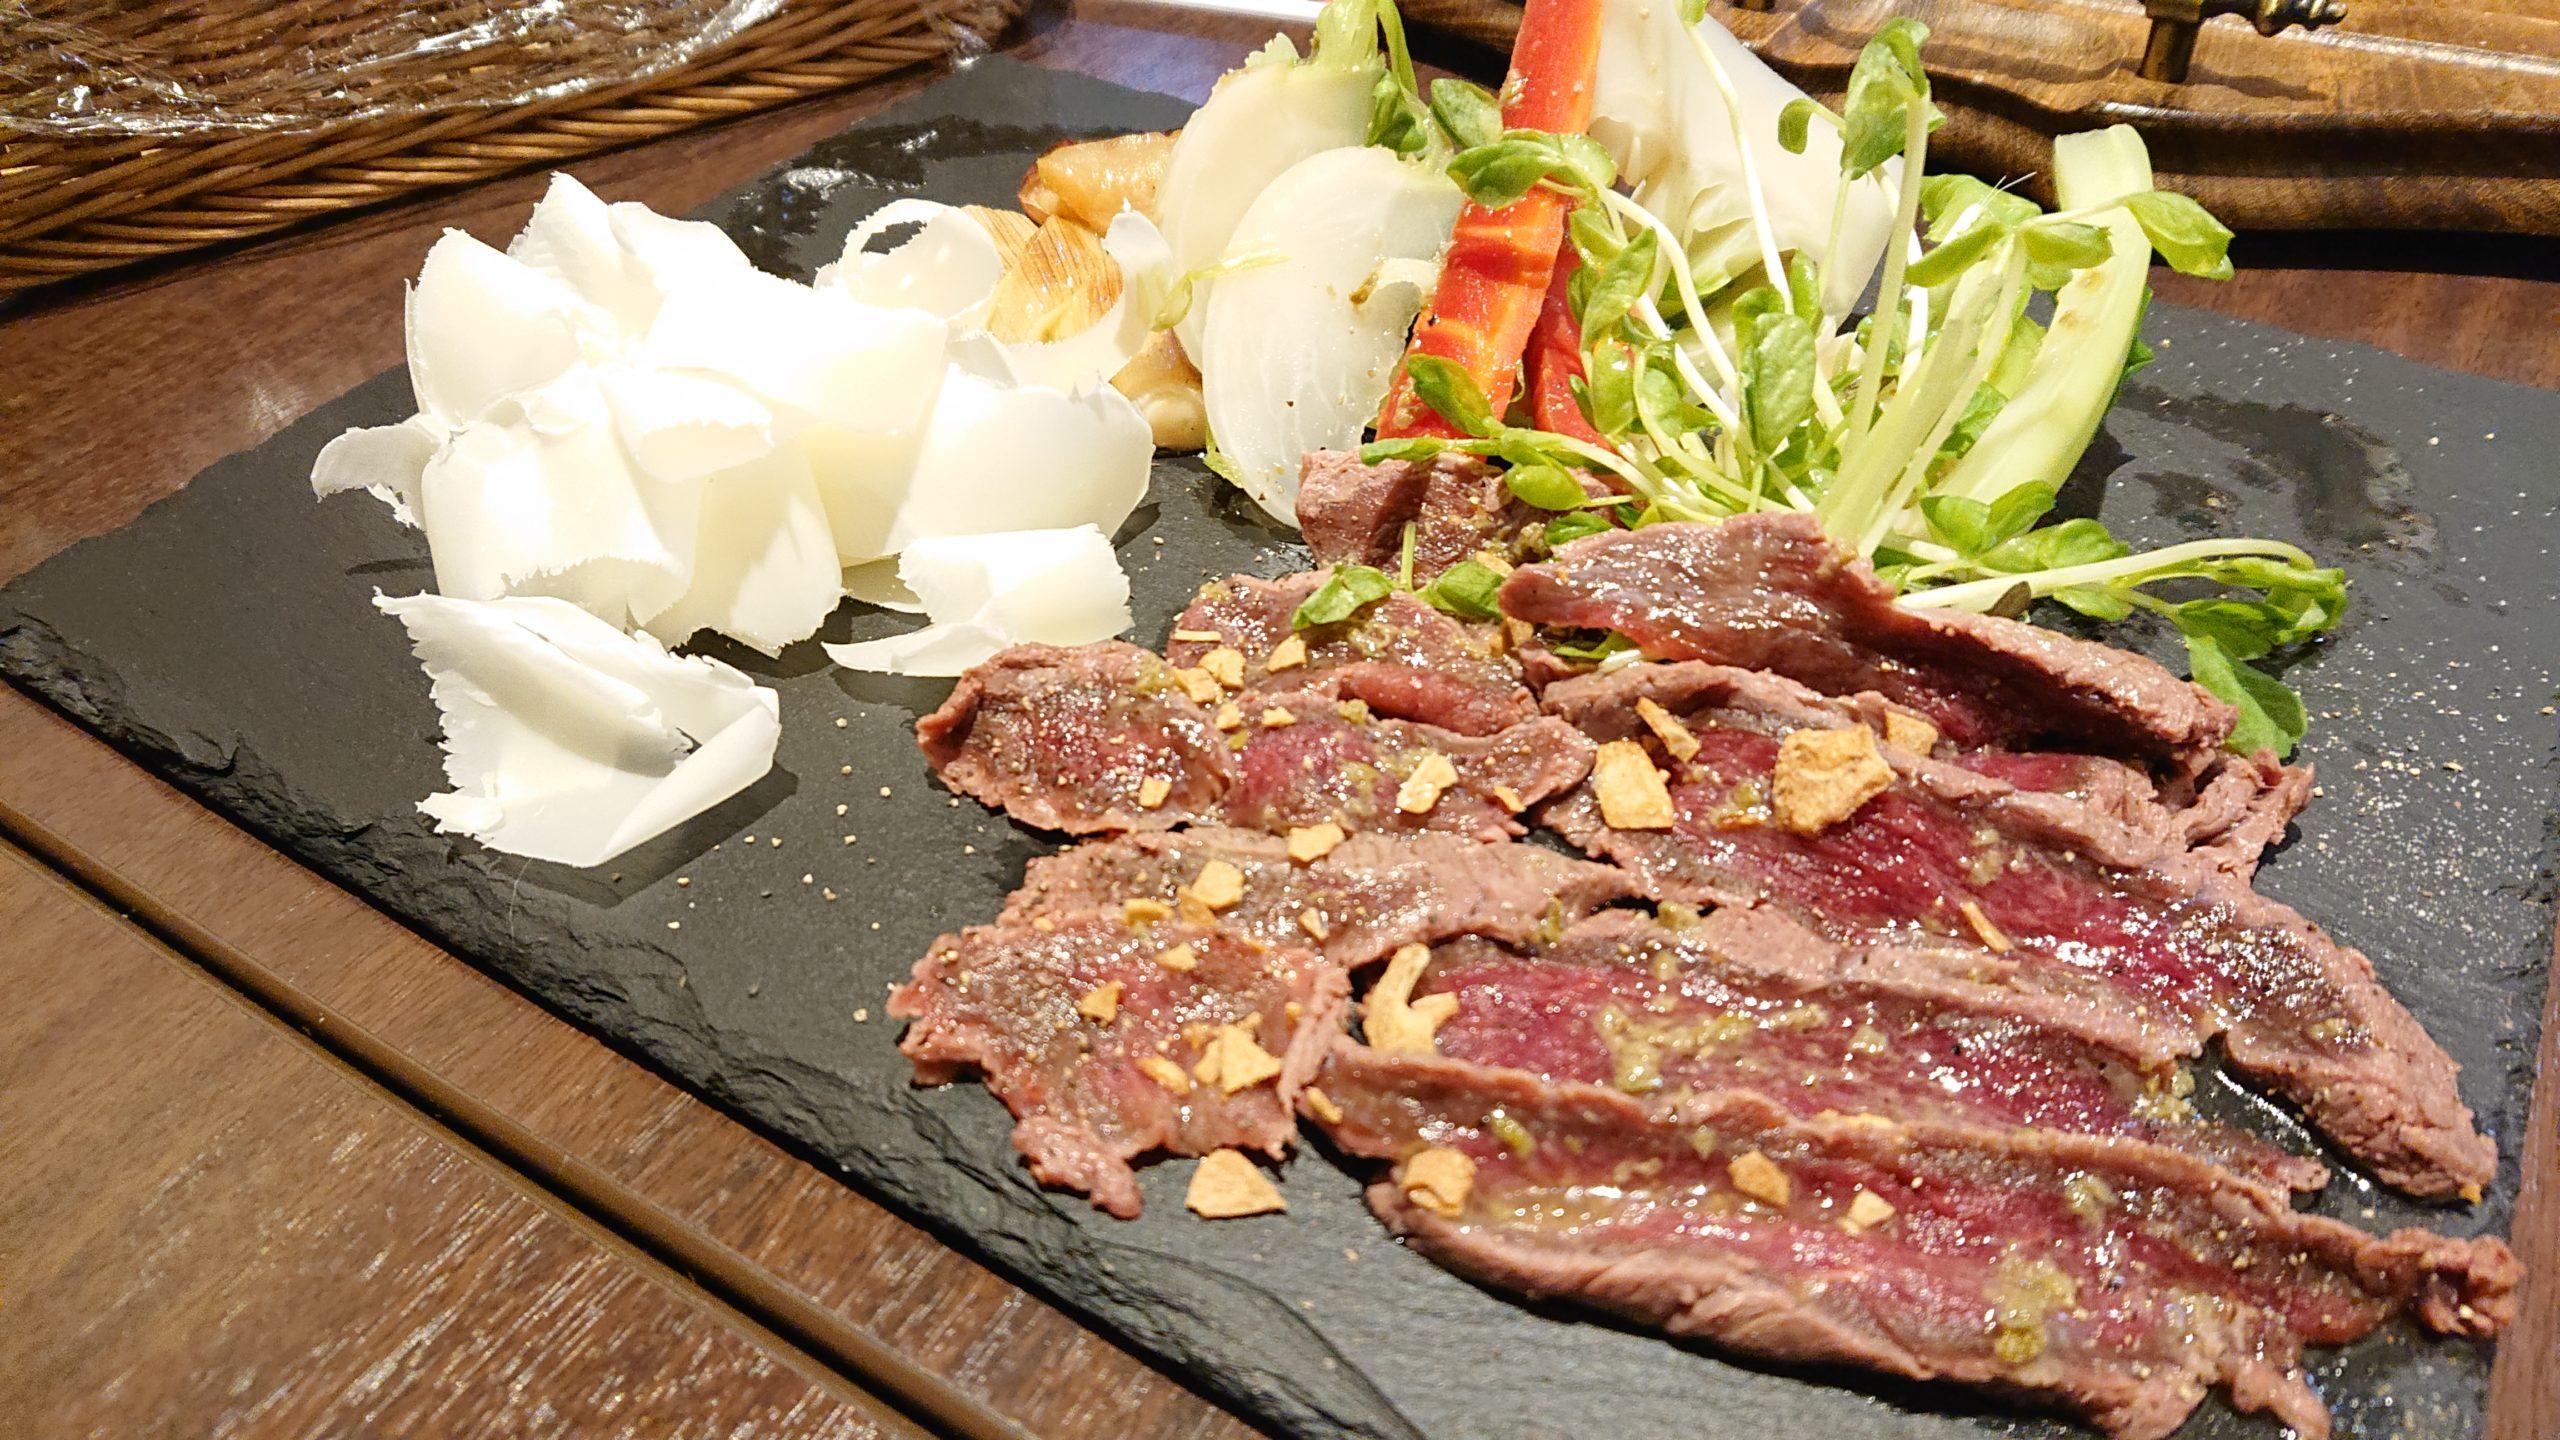 湯島天神横のラクレットグリル、スイス料理とスイスワインのお店の馬肉のカルパッチョとデュガスチーズ添え